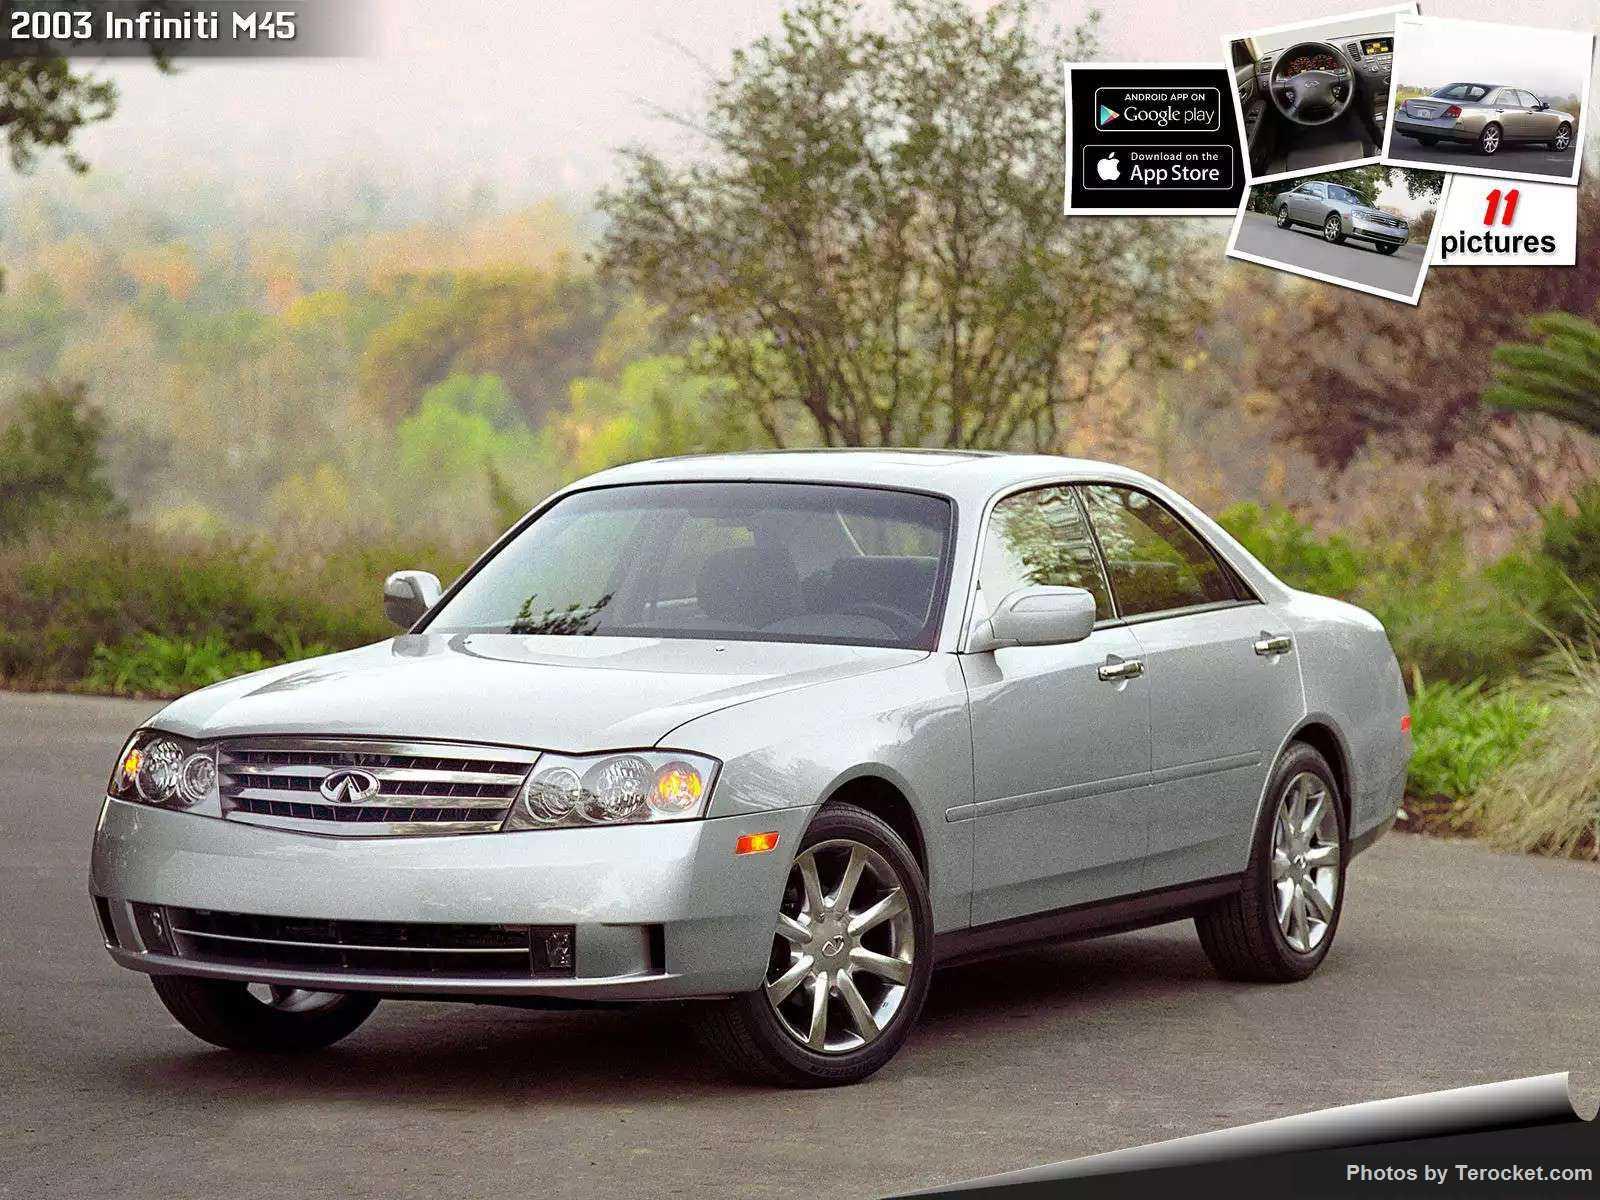 Hình ảnh xe ô tô Infiniti M45 2003 & nội ngoại thất